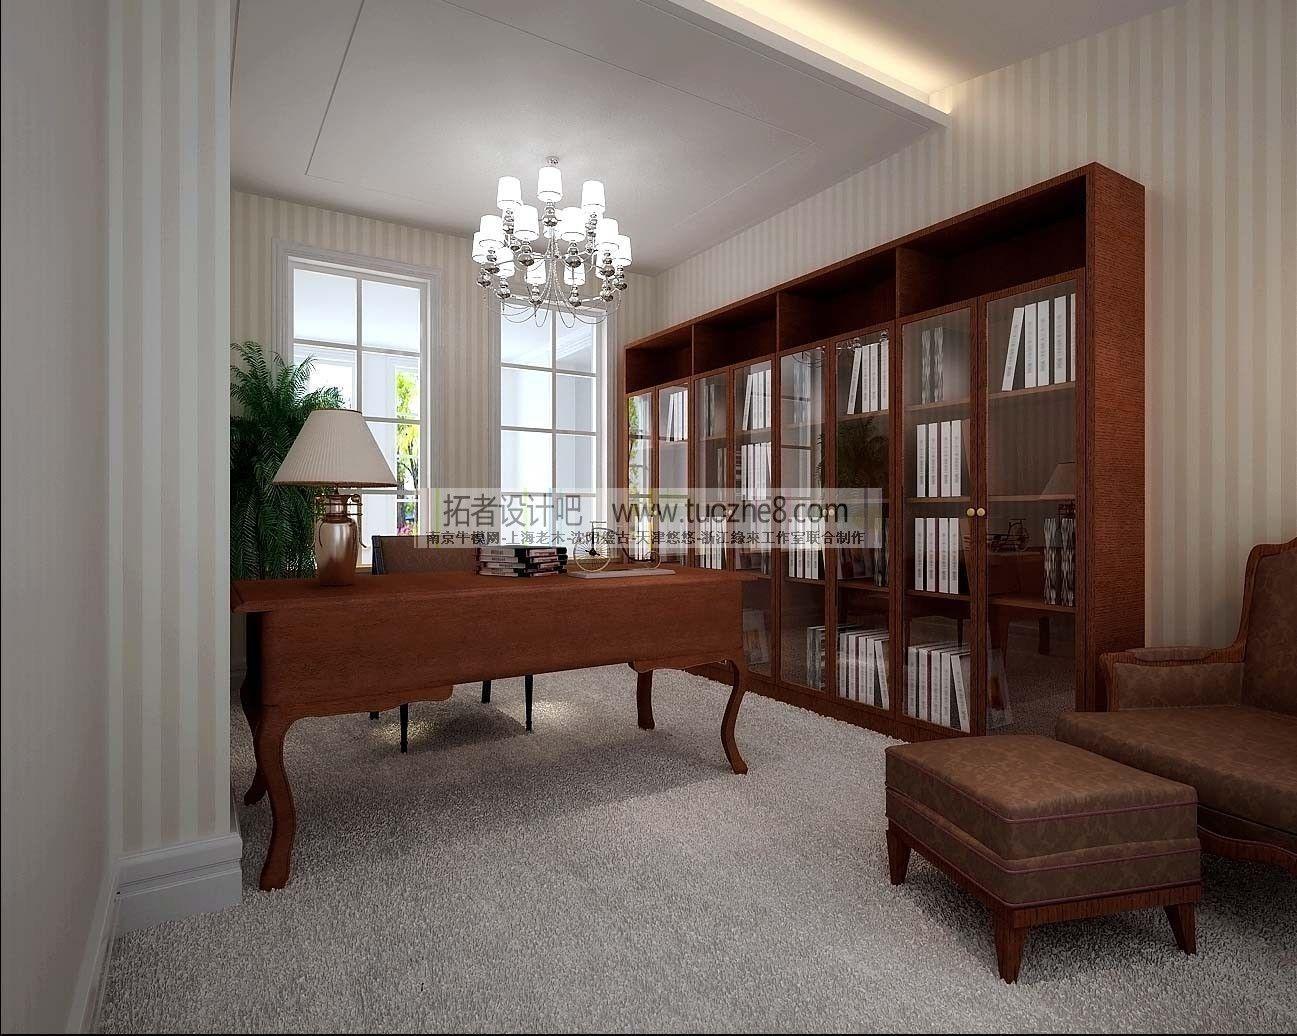 Restaurant Kitchen Interior Design santaritarestaurantkitcheninteriordesignjpg 8961000 píxeles